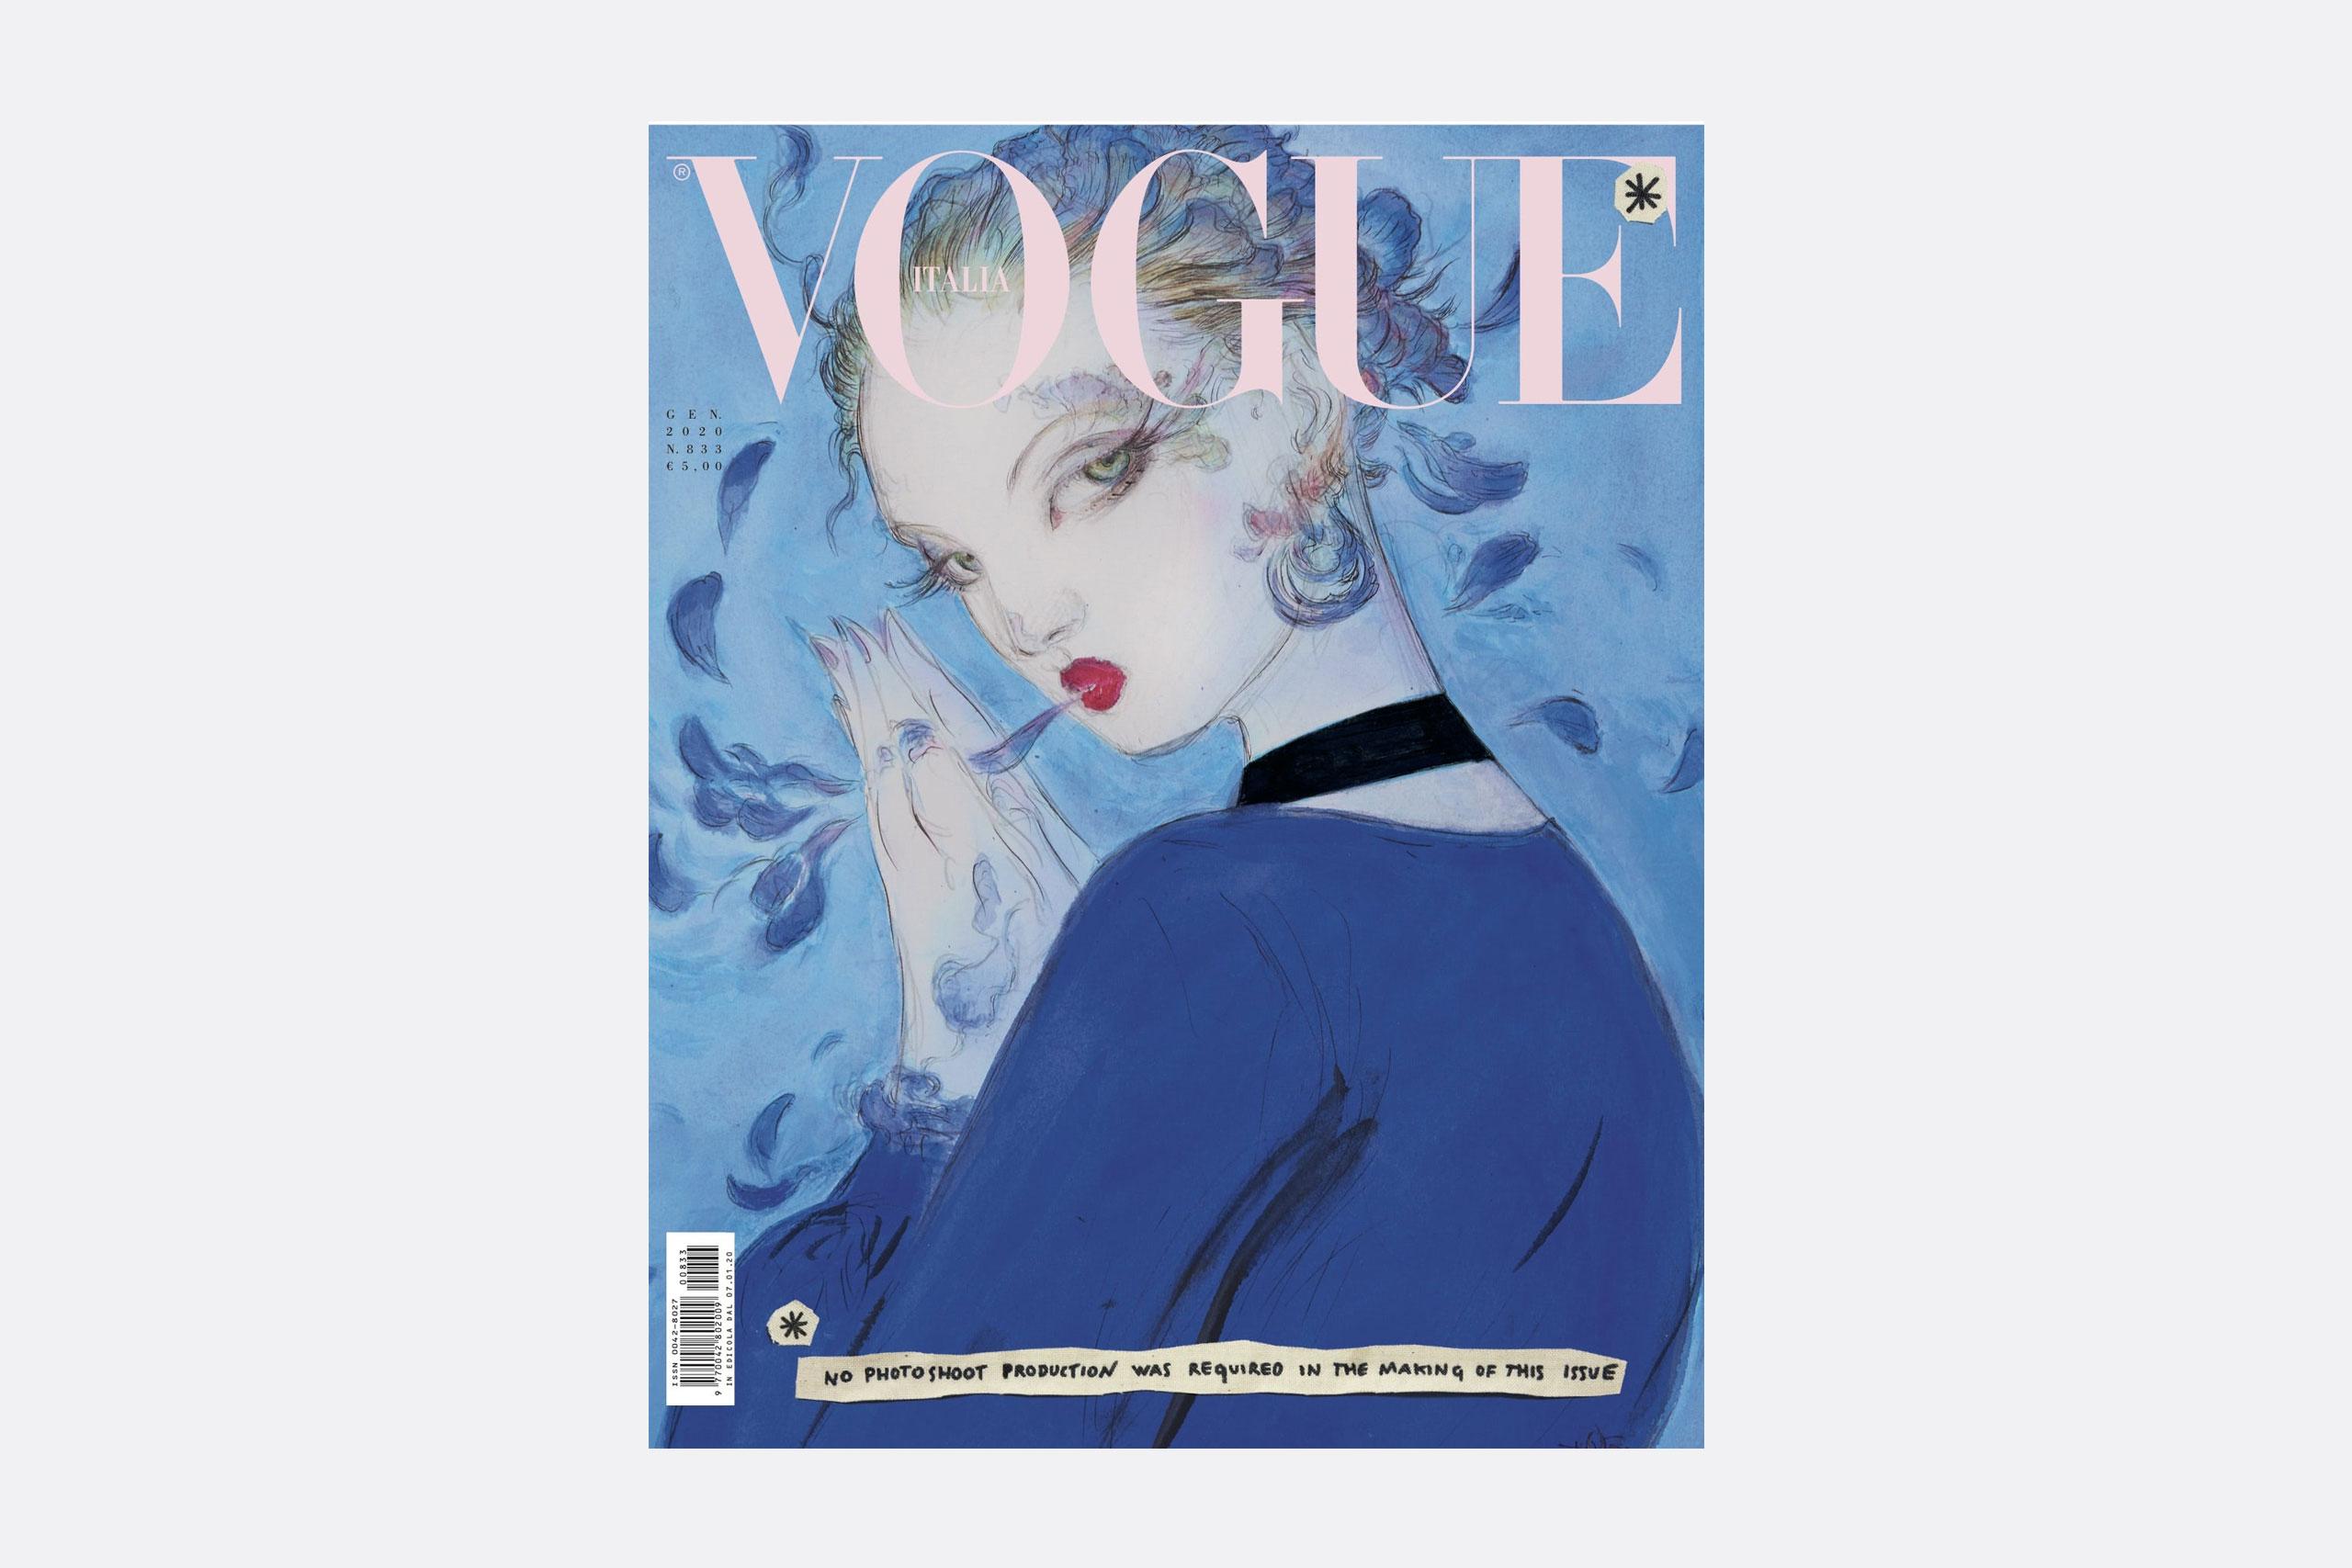 Vogue Italia, enero de 2020 issue cover, ilustración de Yoshitaka Amano